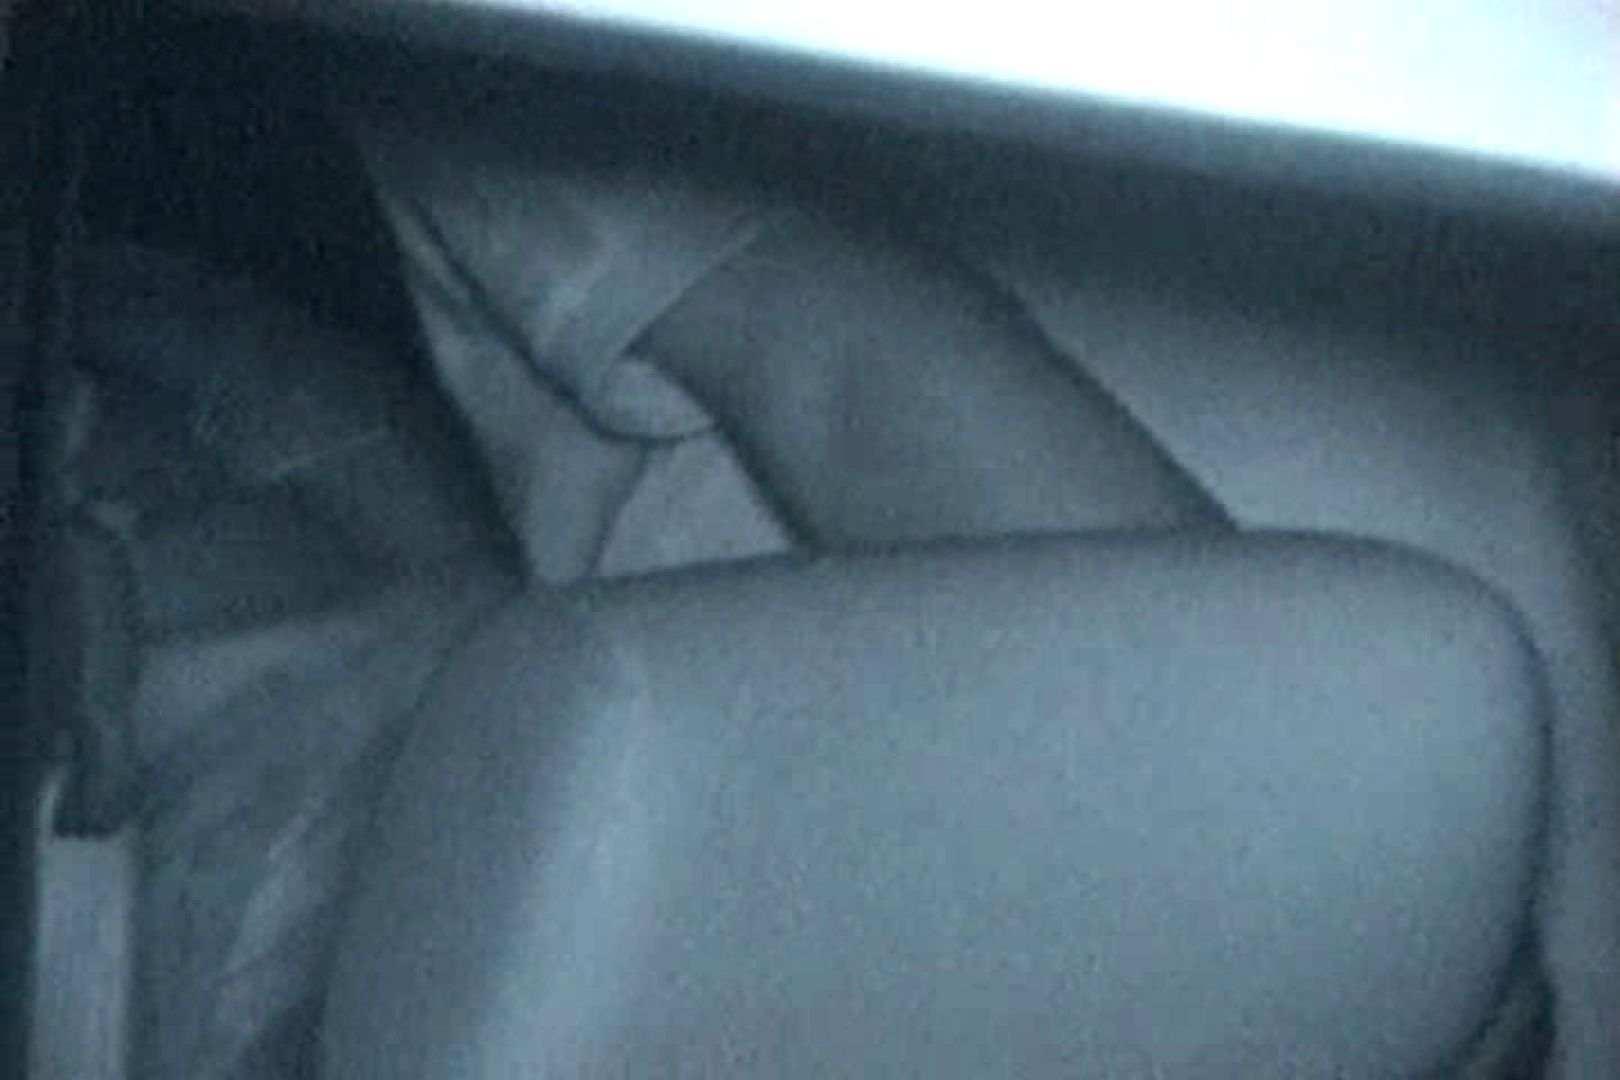 充血監督の深夜の運動会Vol.130 OLセックス 盗撮エロ画像 91画像 78